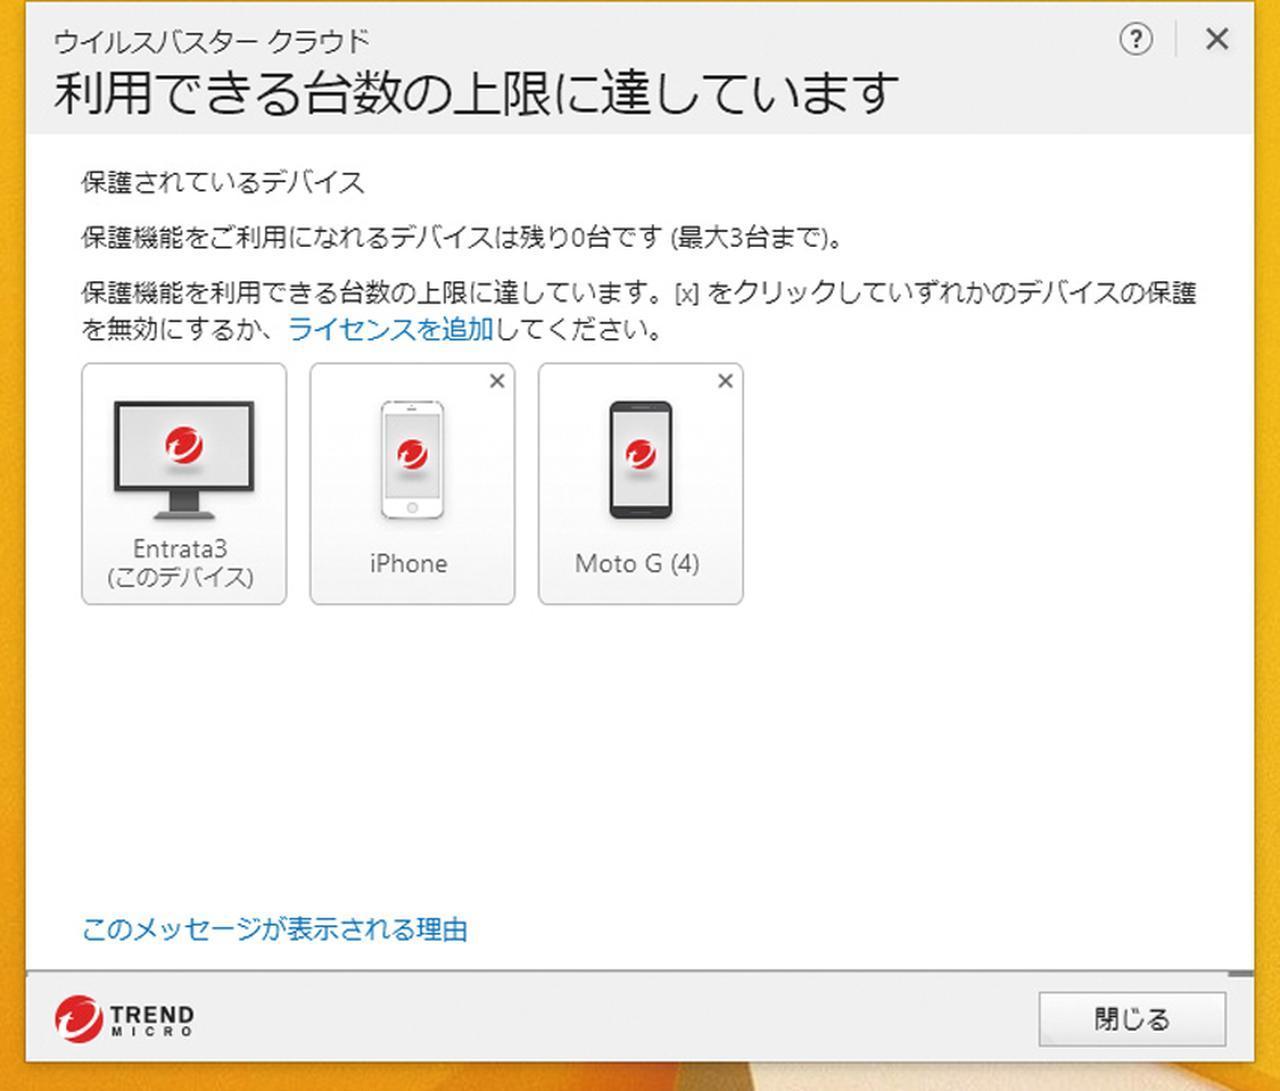 画像: 「ウイルスバスタークラウド」は、パソコンもスマホもこれ一本でOK。端末の種類を問わず、同時に3台まで保護できる。もちろん、機種変更を行った際は、登録機器を変更することができる。